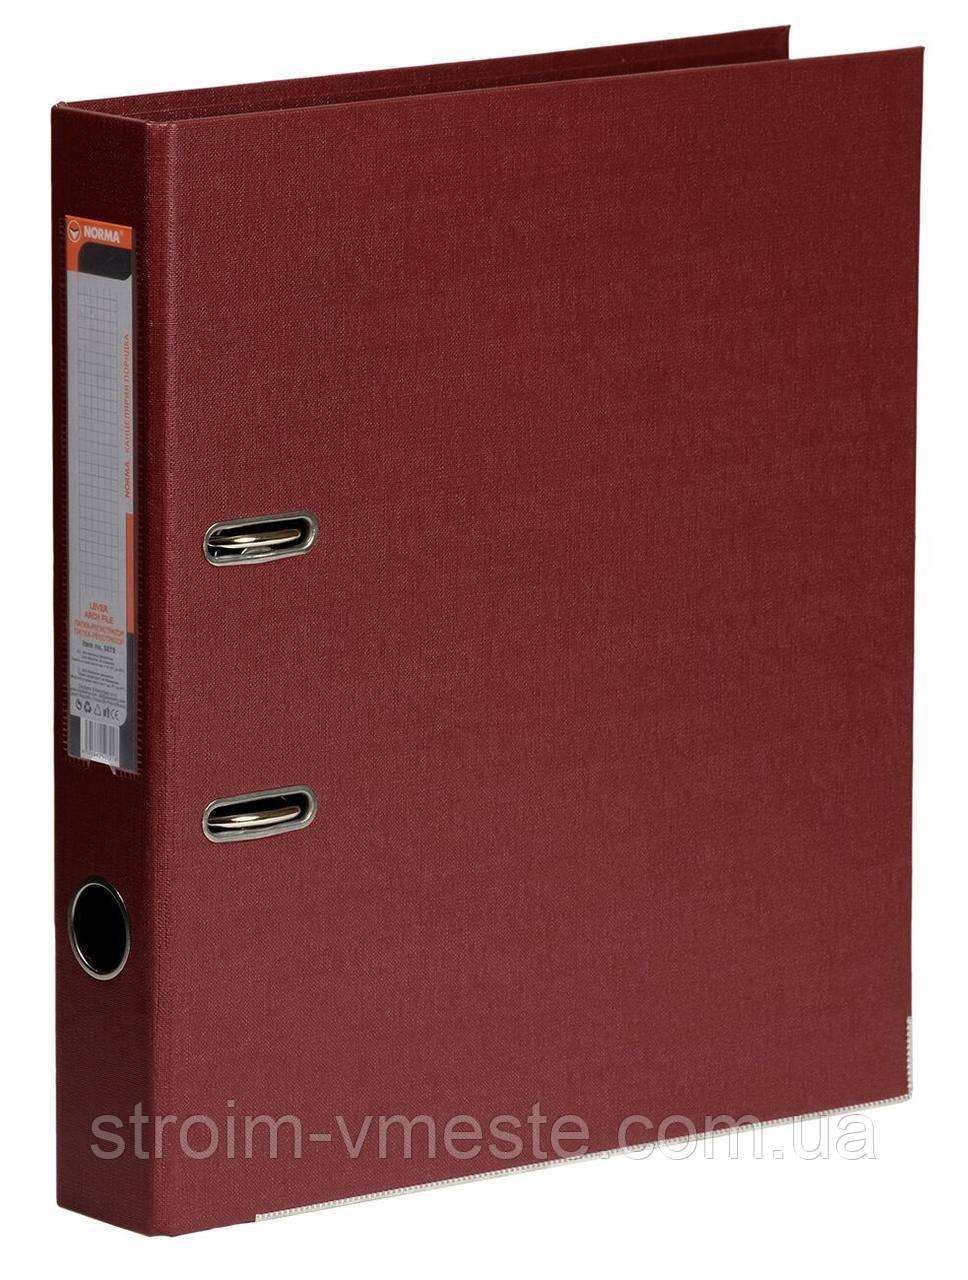 Папка-регистратор A4 NORMA Lux 5070 РP 5 см бордовая